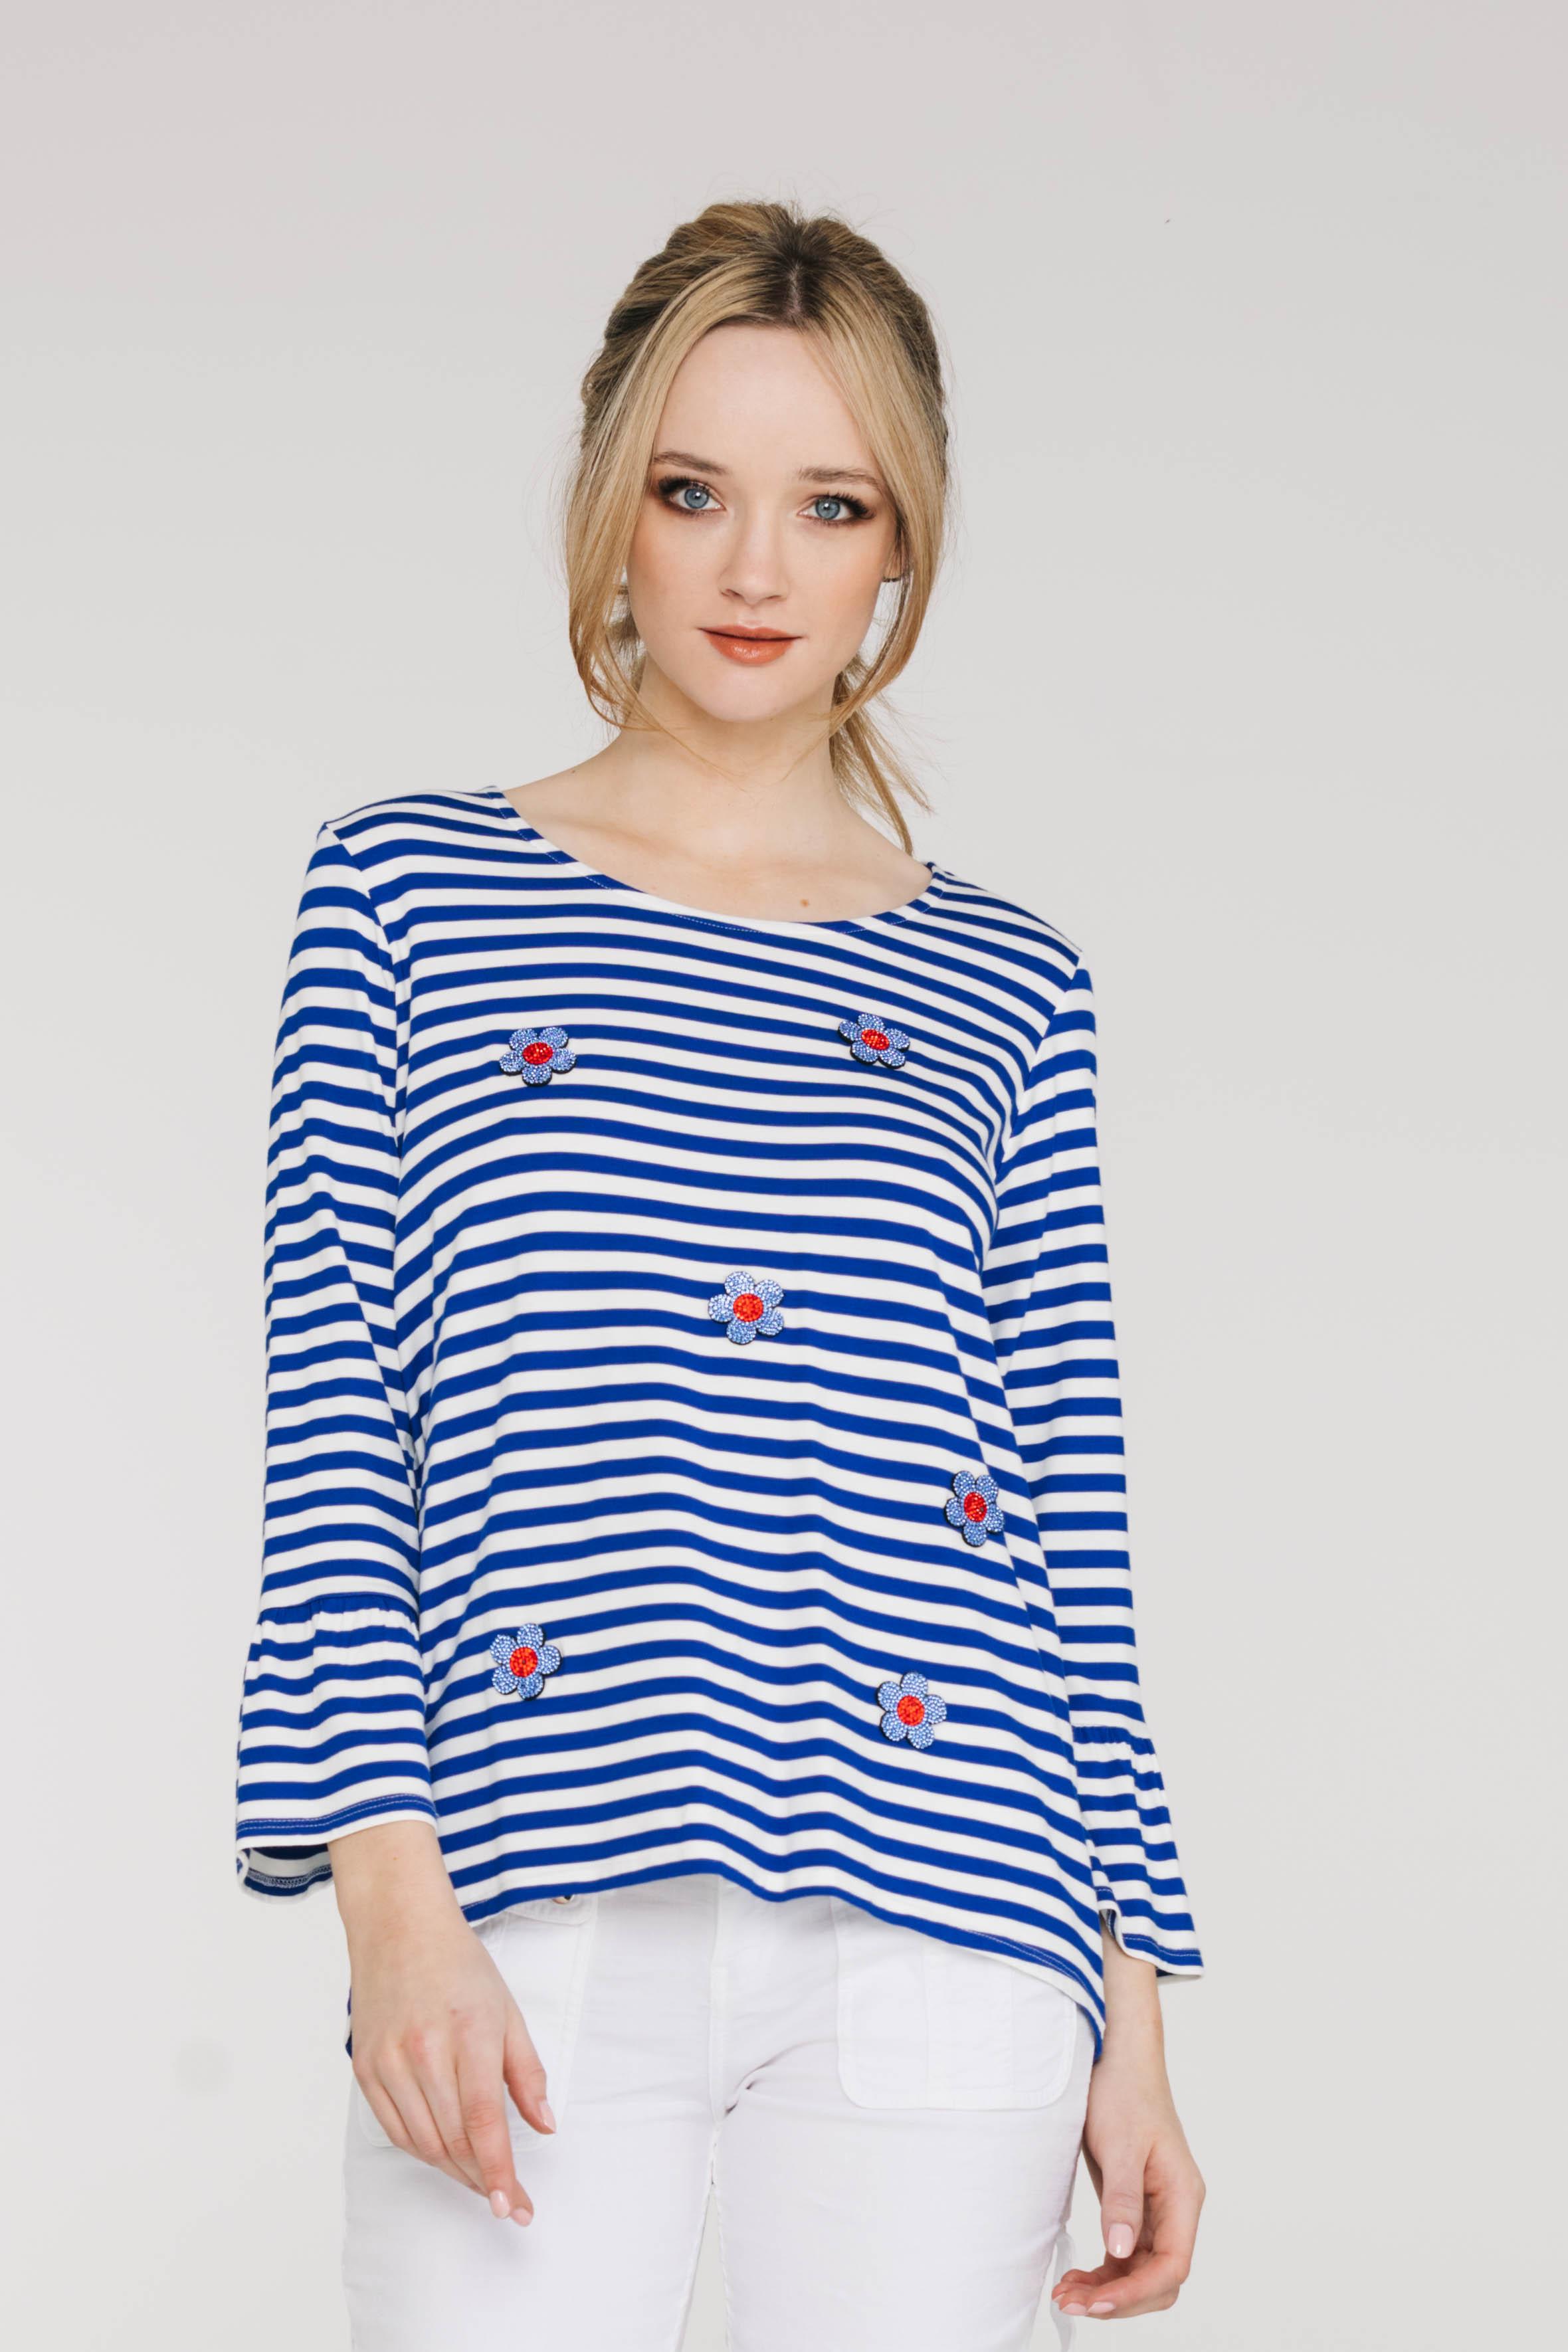 Eliana Tee 6106P Stripe Blue, Billy Pant 6524N